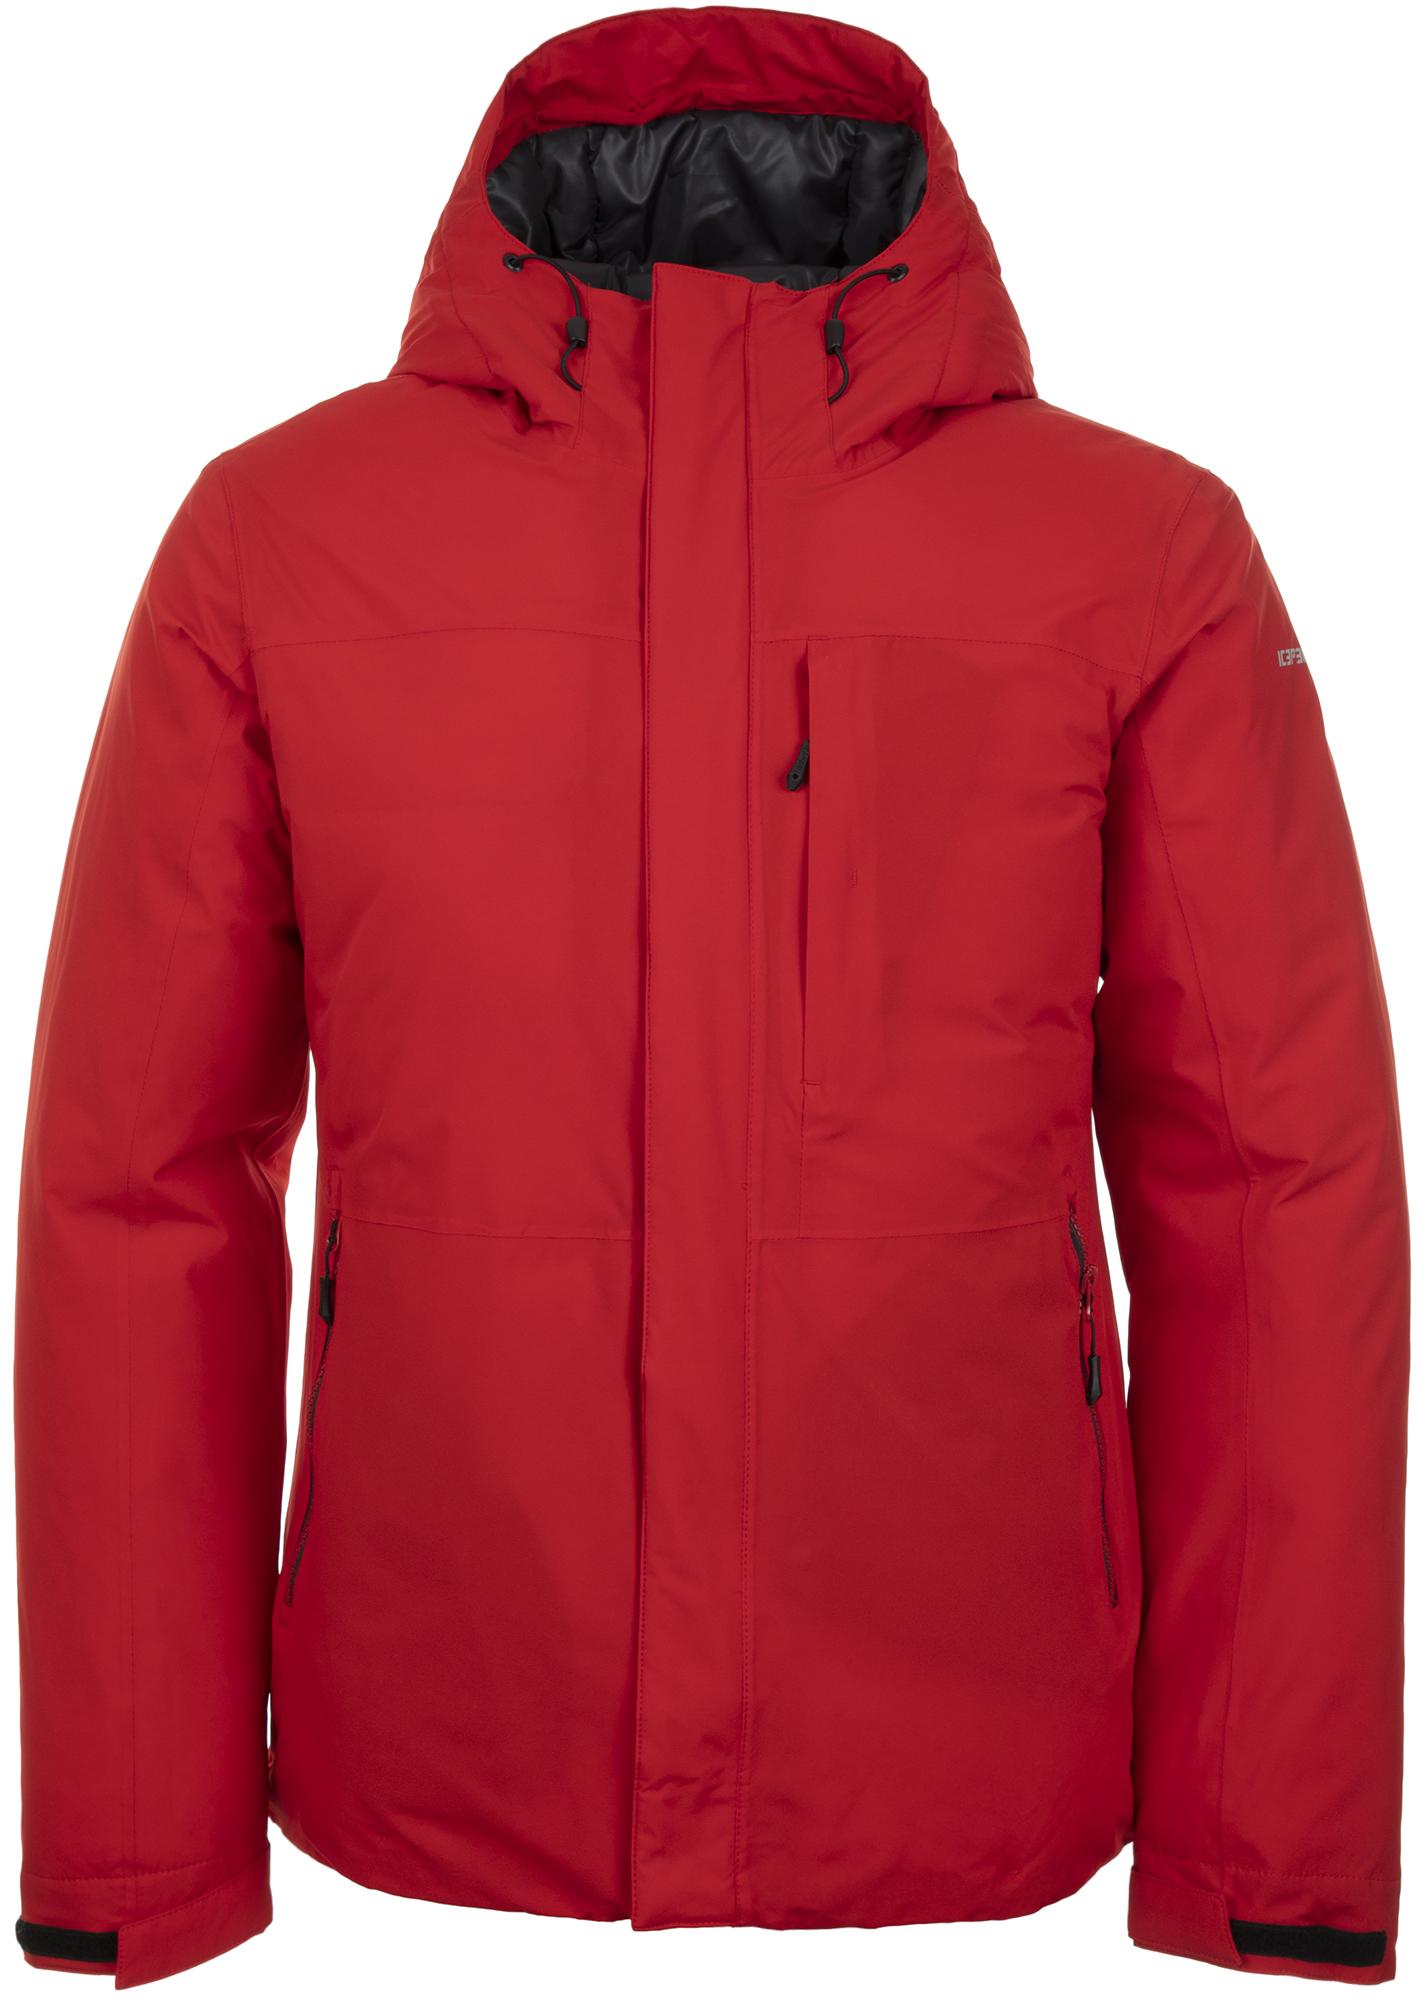 IcePeak Куртка утепленная мужская IcePeak Lance, размер 56